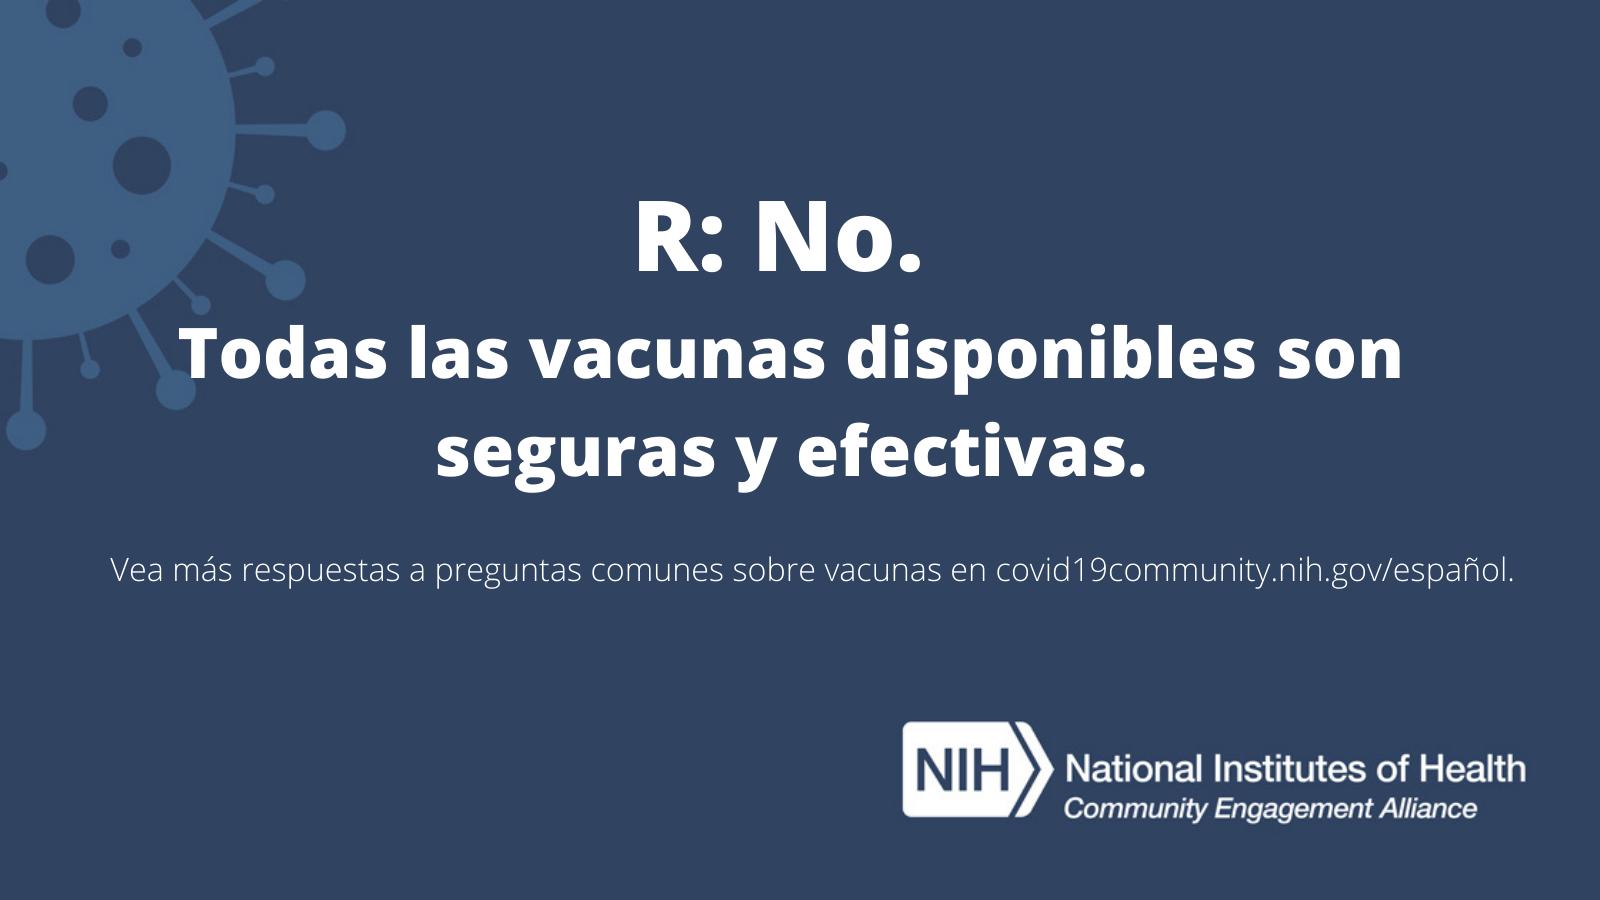 R: No. Todas las vacunas disponibles son seguras y efectivas. Vea más respuestas a preguntas frecuentes sobre vacunas en covid19community.nih.gov/español.